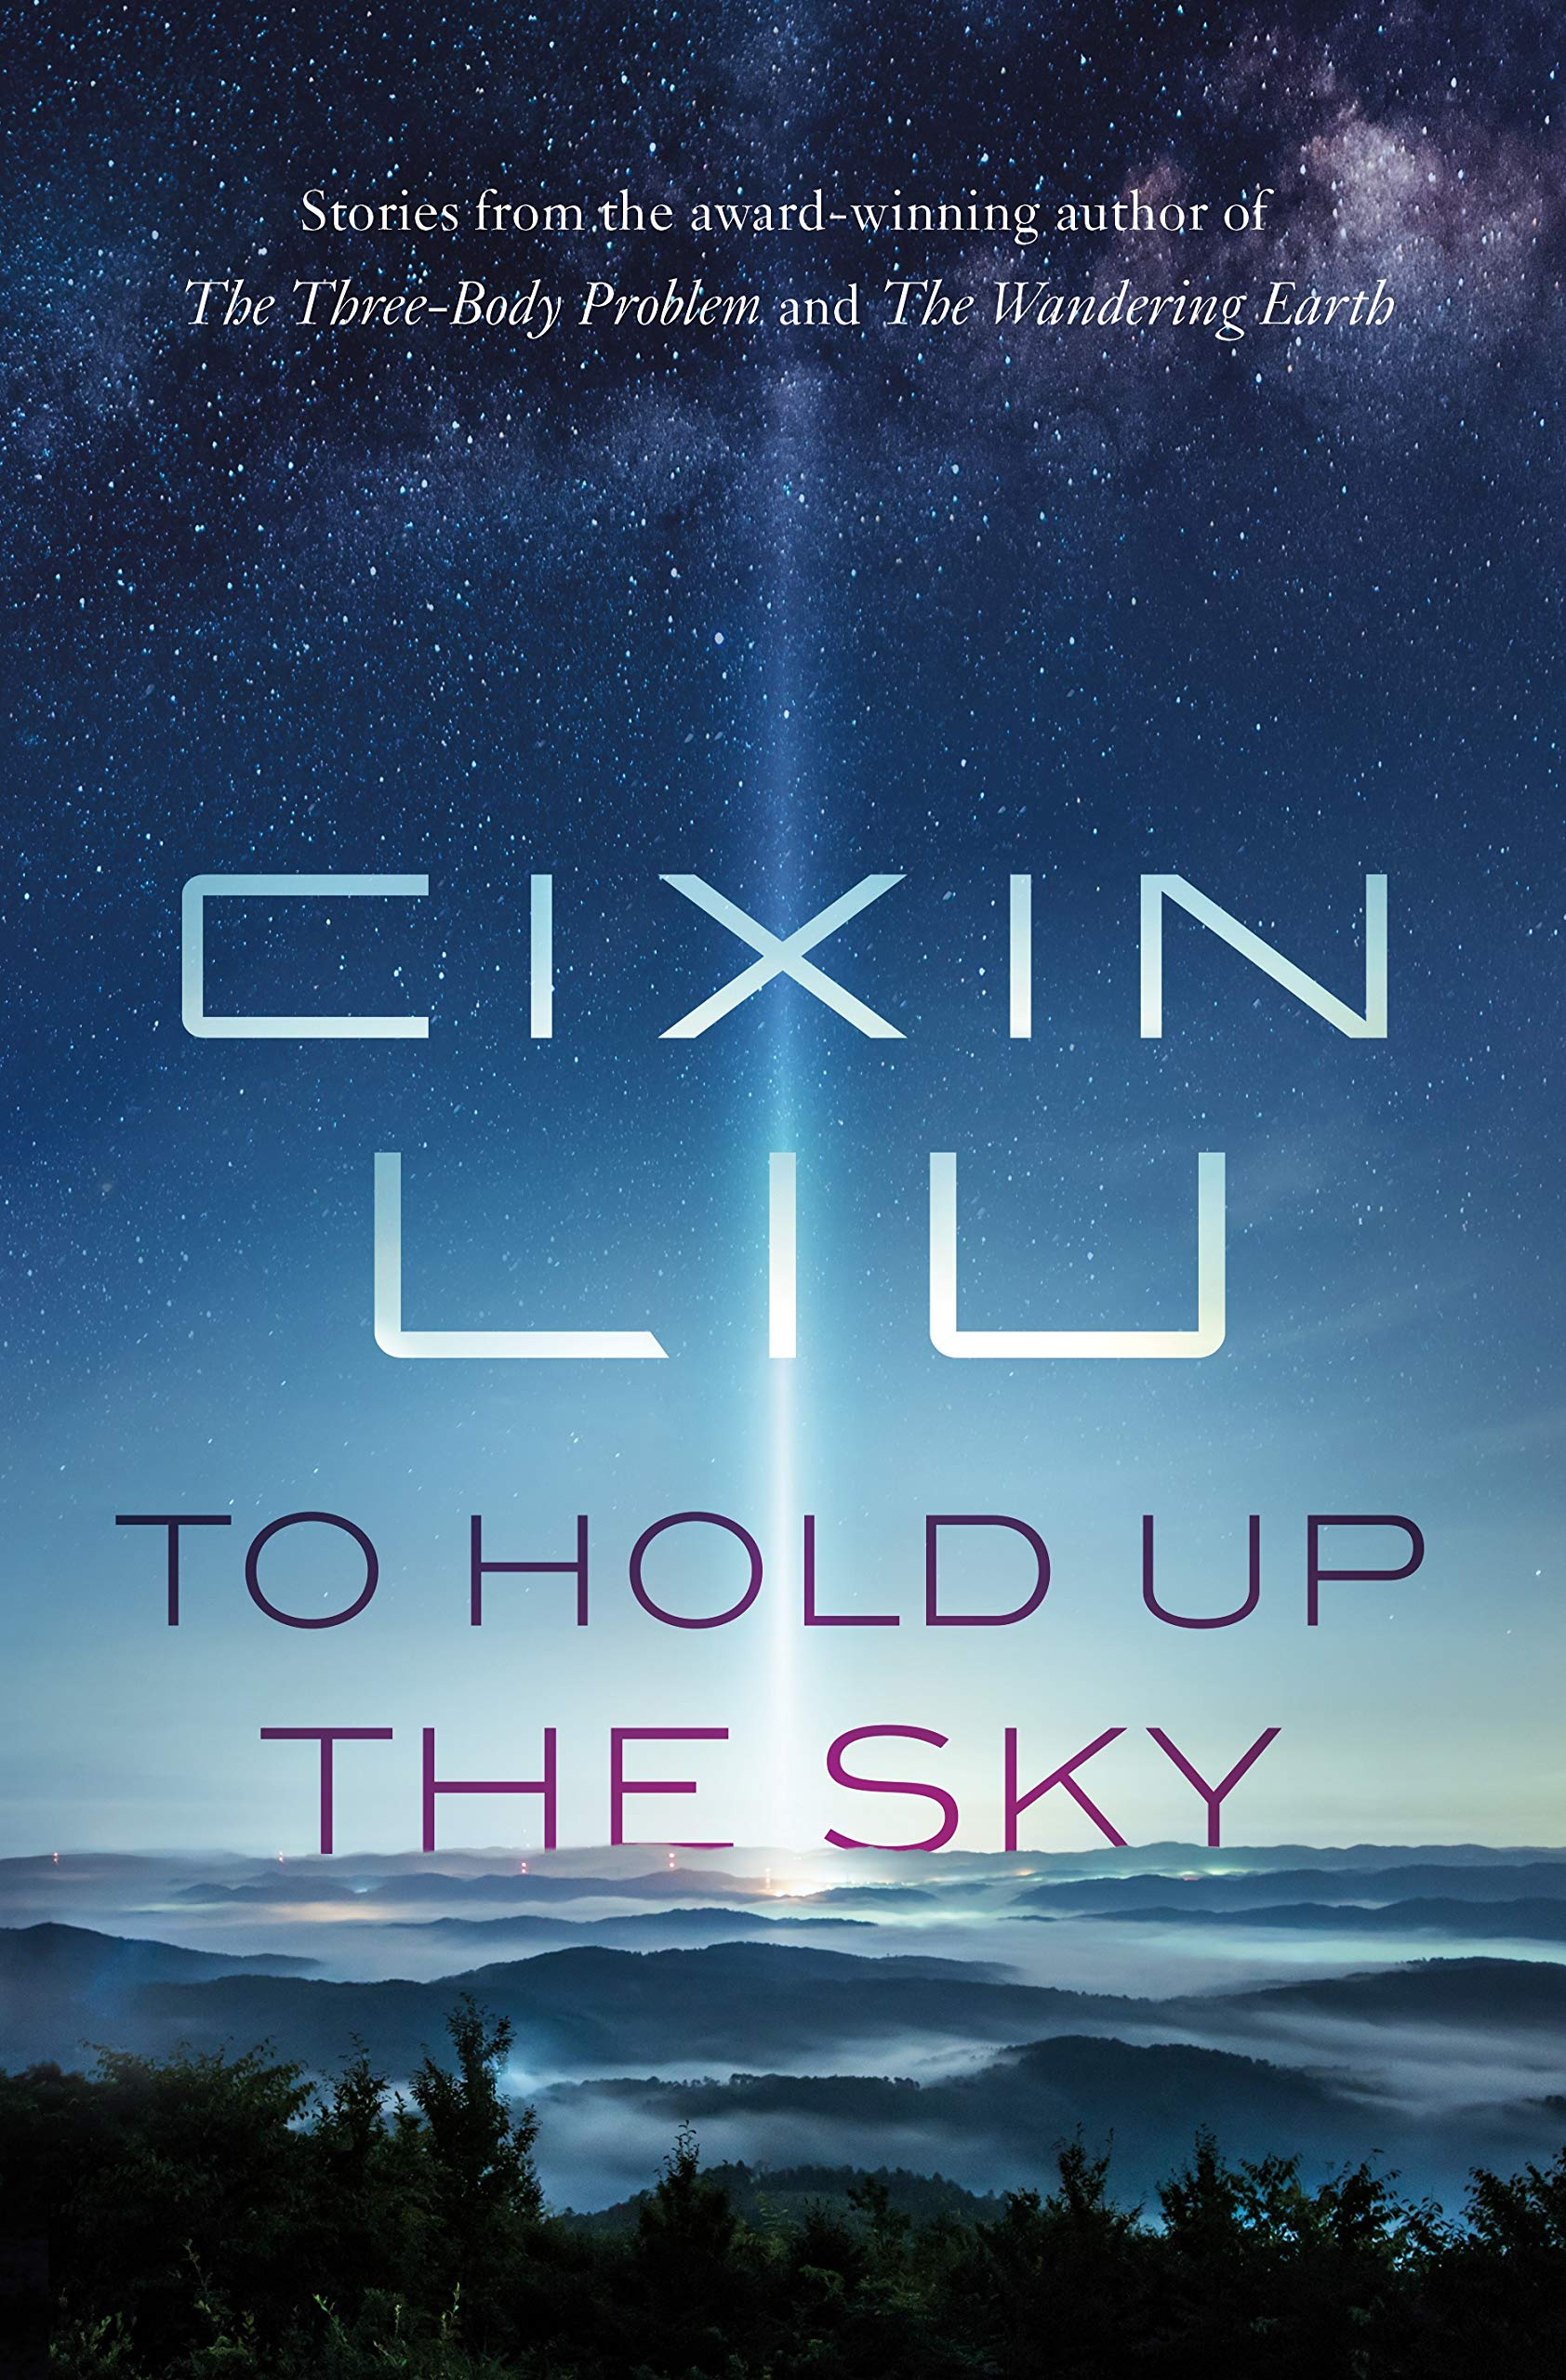 To Hold Up The Sky: Amazon.es: Liu, Cixin, Liu, Cixin: Libros en idiomas extranjeros